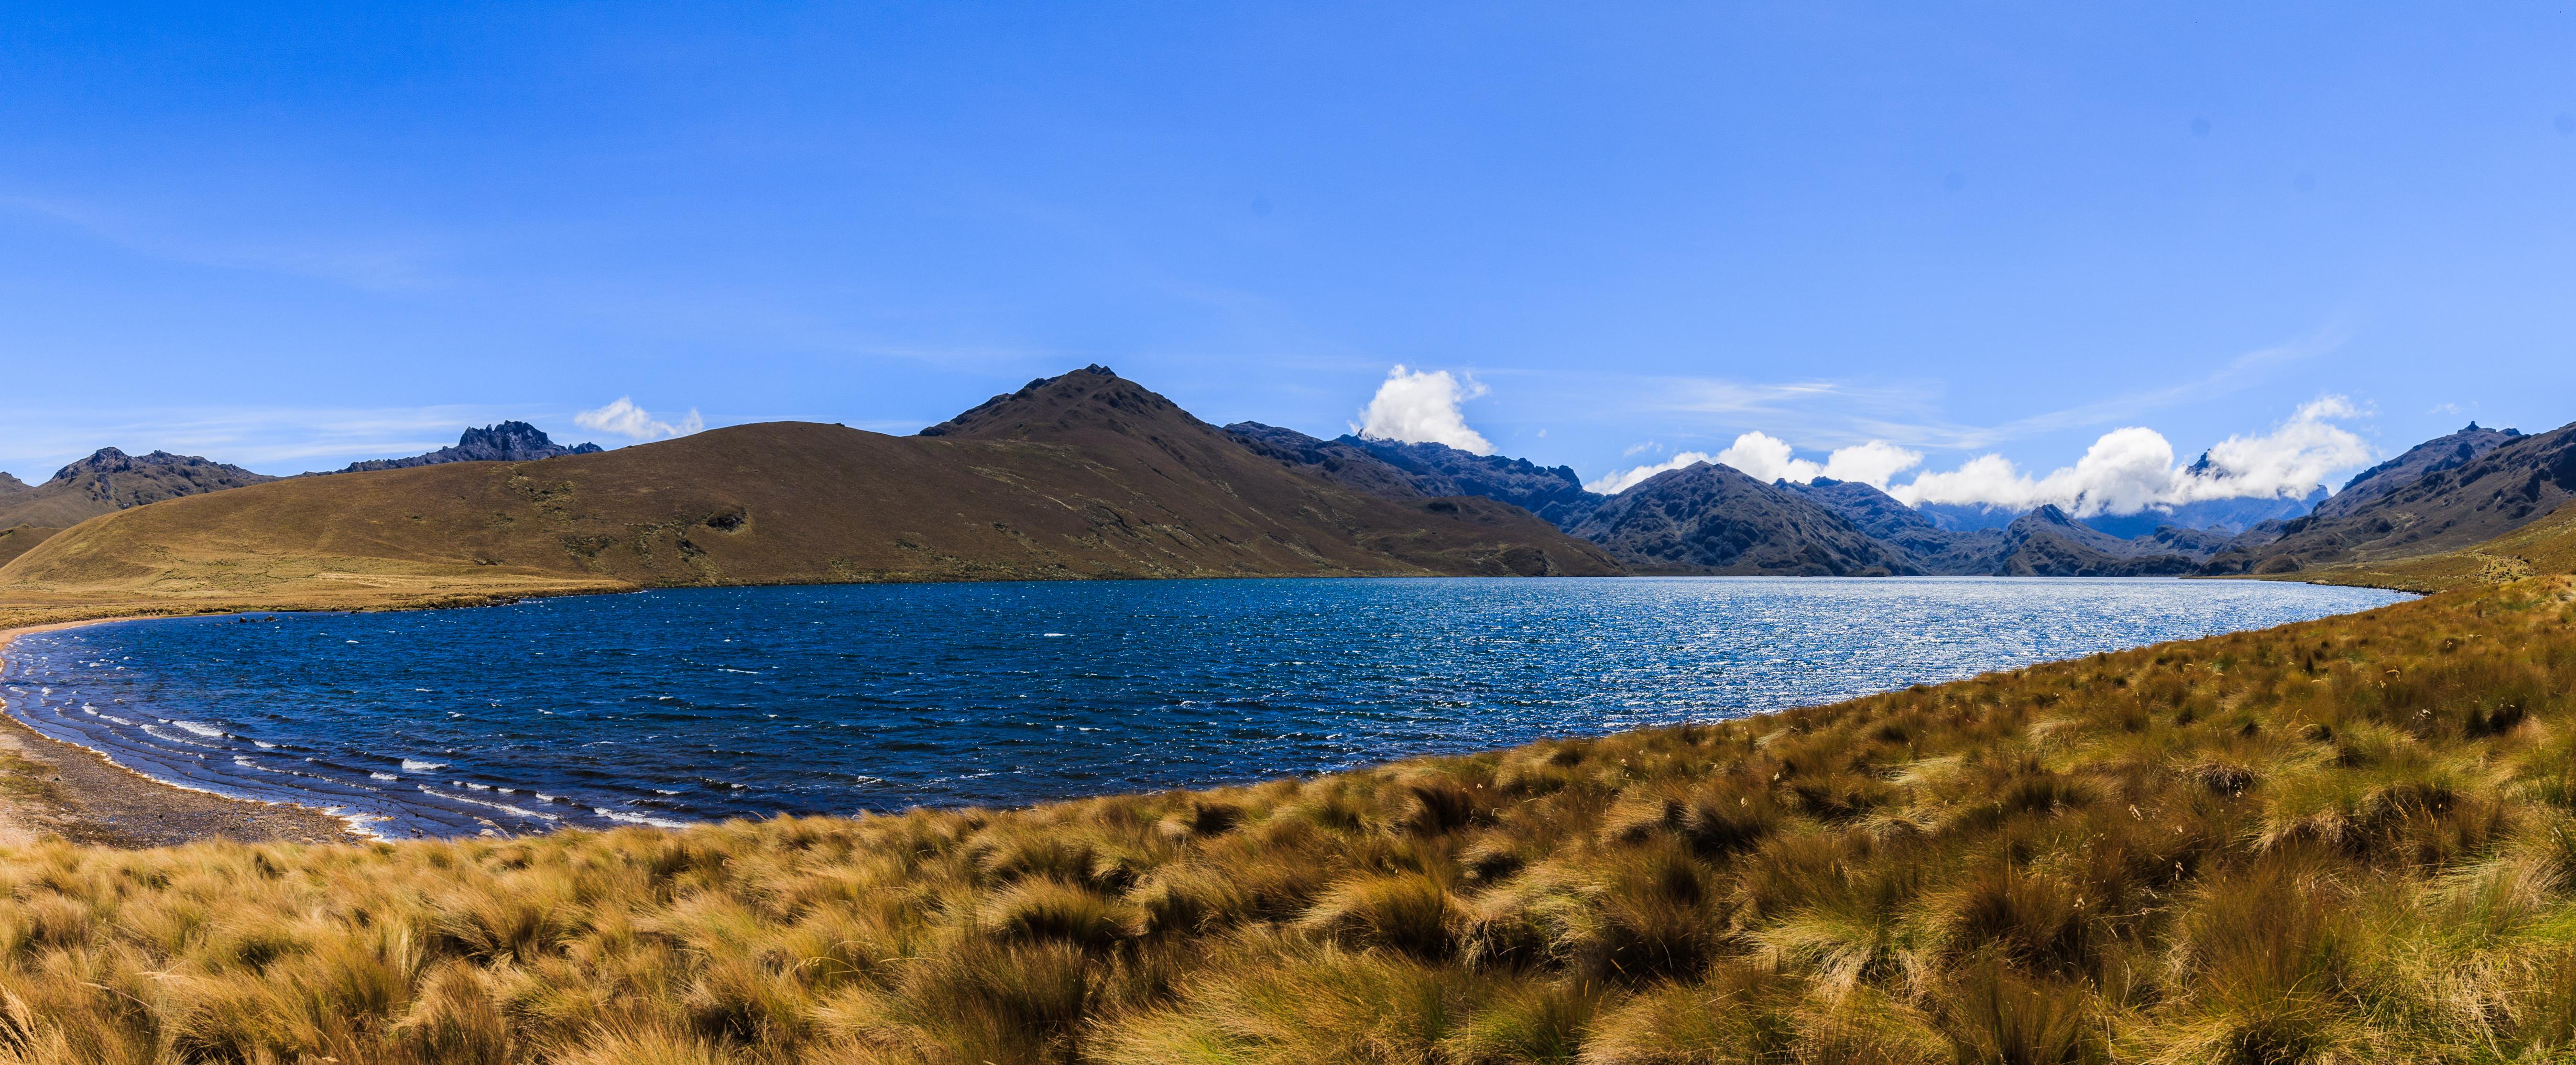 Las lagunas de Ozogoche - Ecuador Gran Viaje De los Andes al Pacífico